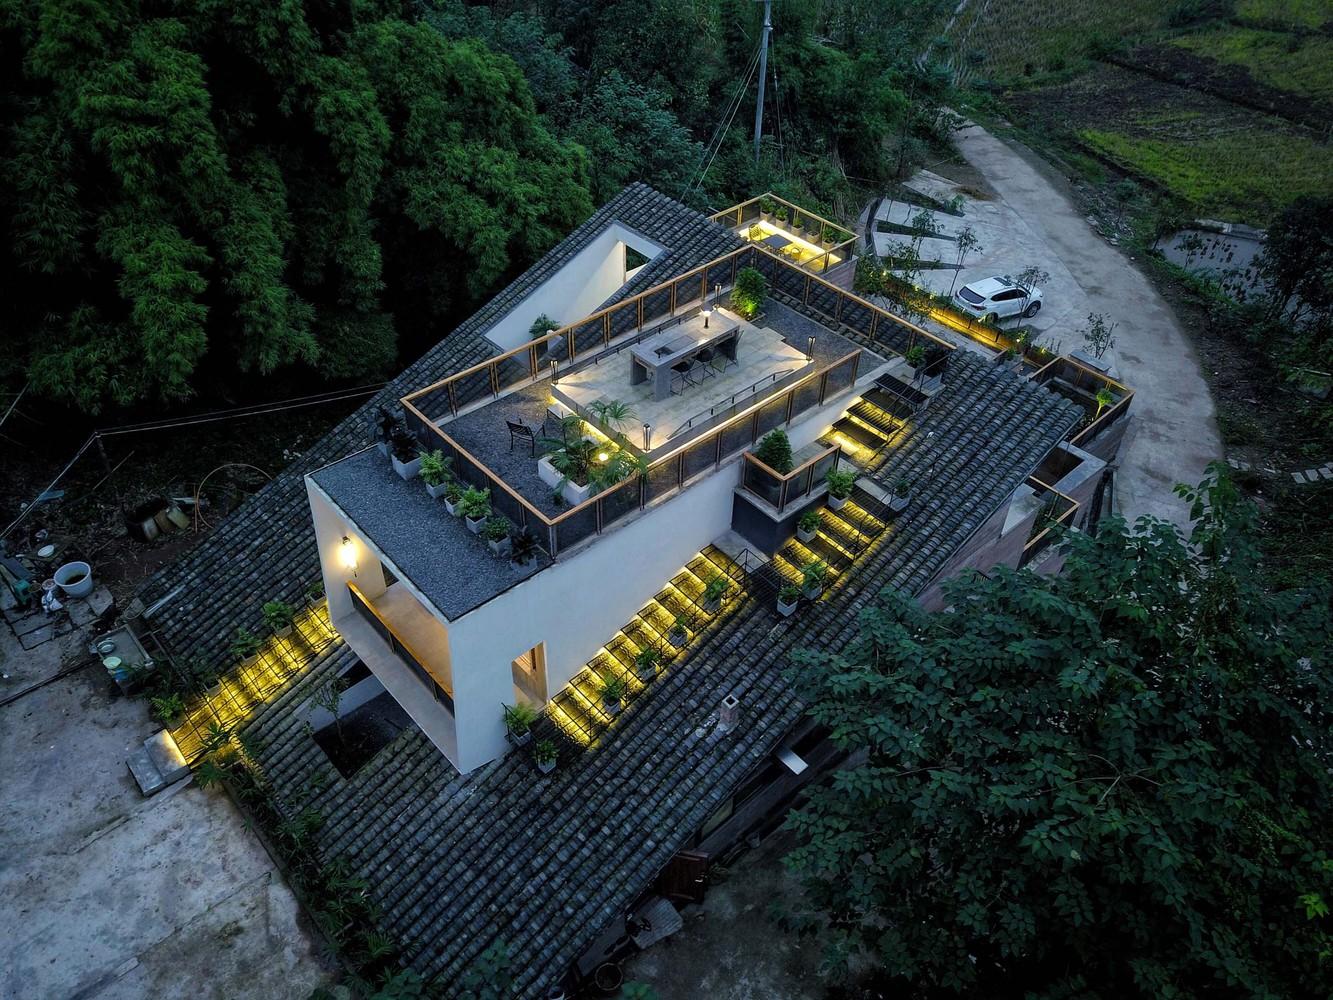 Ảnh chụp sân thượng từ trên cao với bàn ăn ngoài trời, nhiều chậu cây cảnh, đèn trang trí ấm áp.